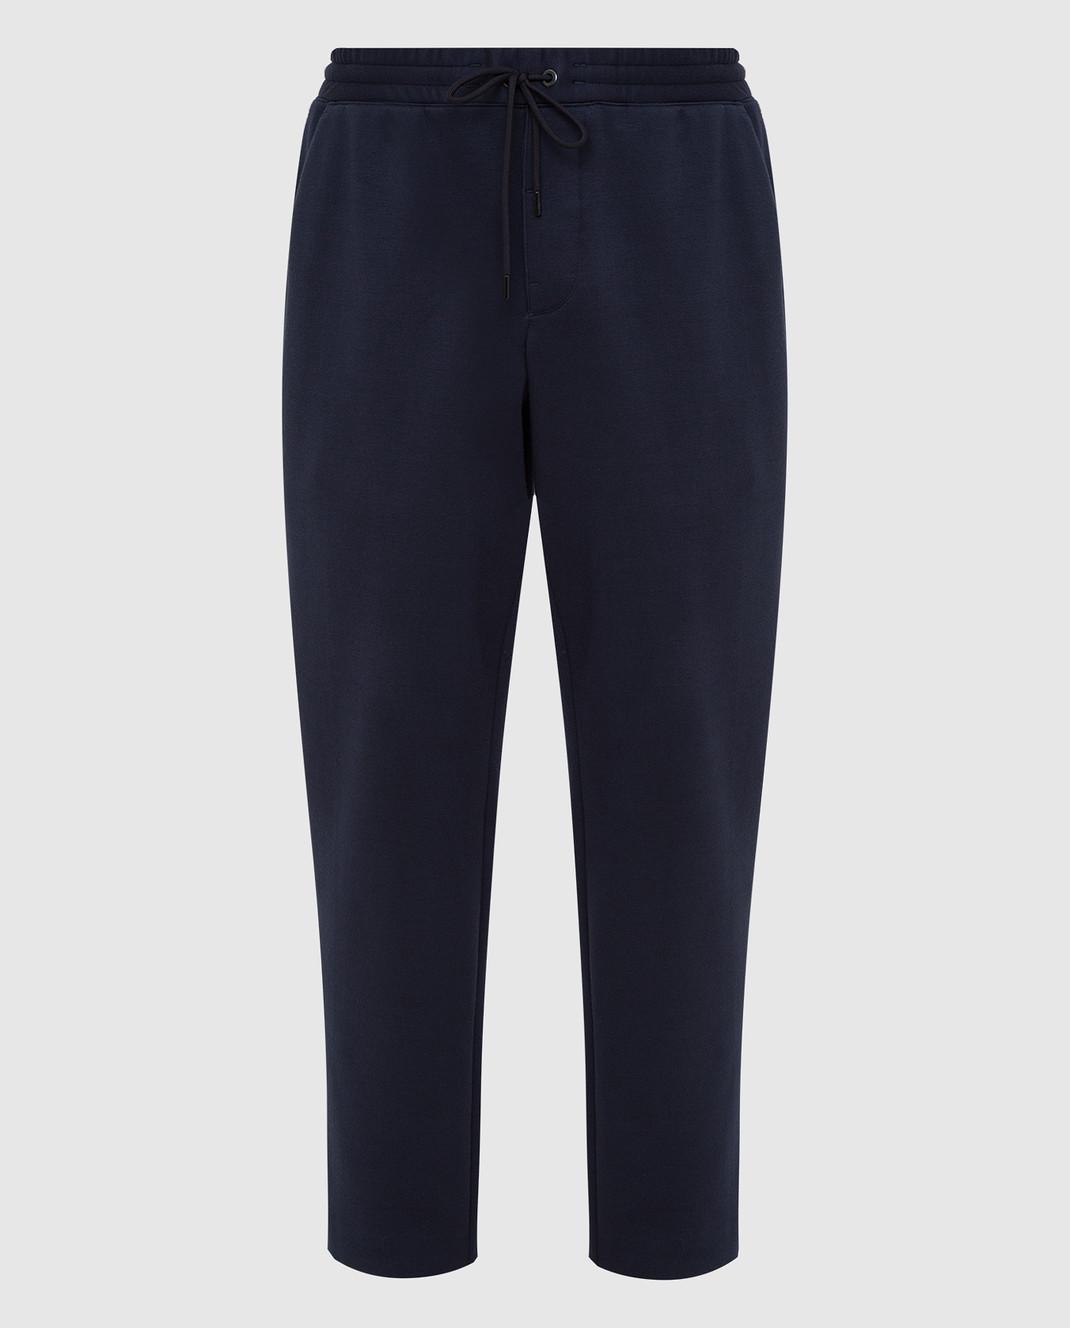 Moncler Темно-синие спортивные брюки 1146600829FC